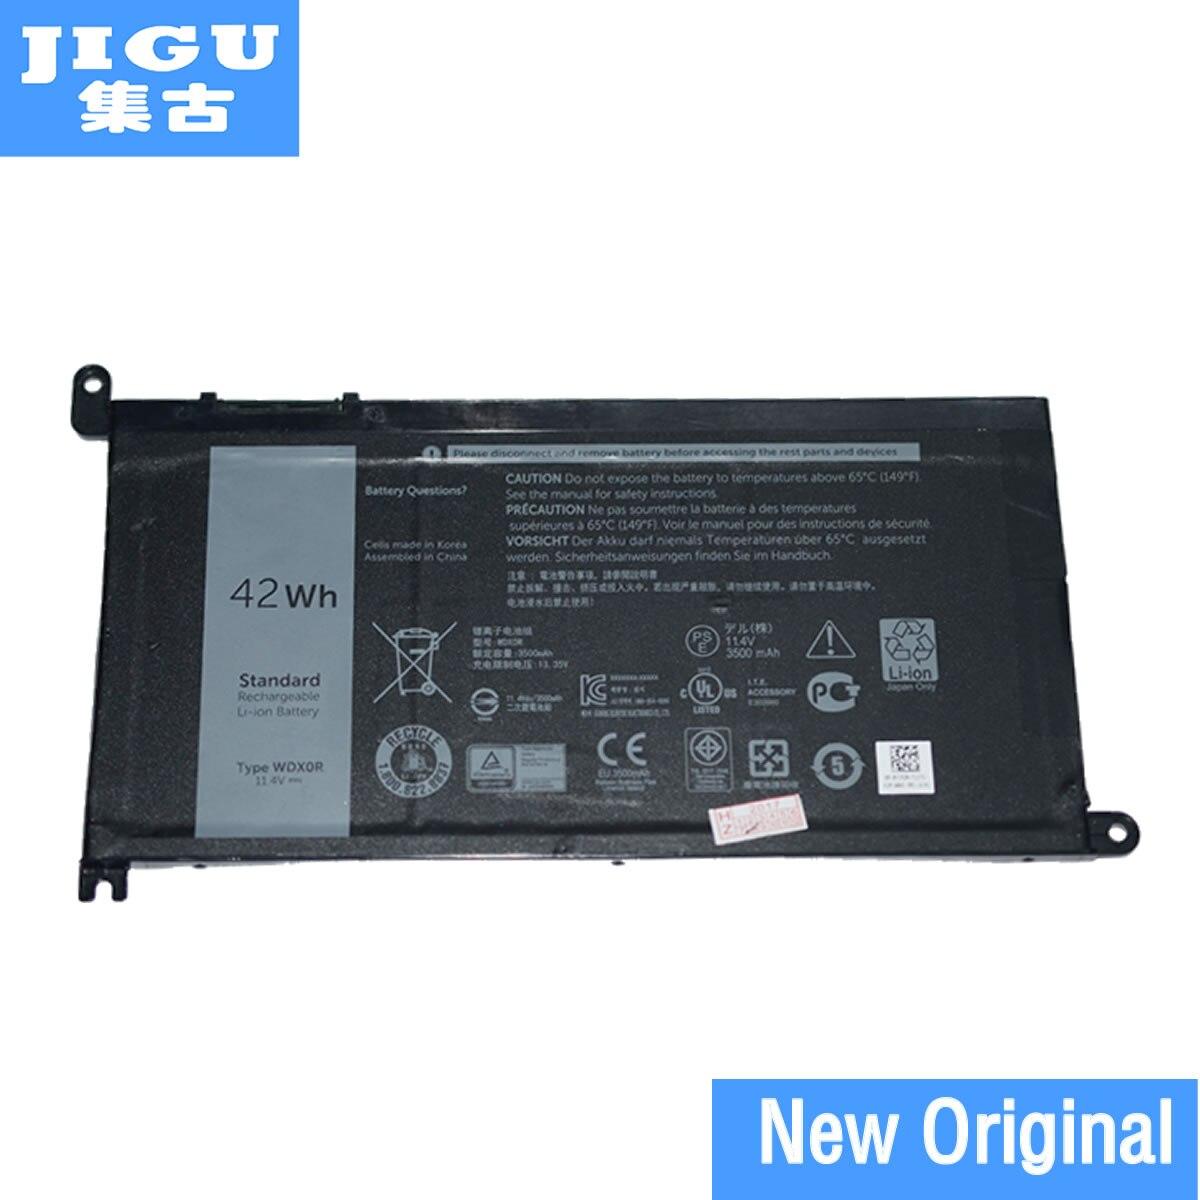 Оригинальный аккумулятор JIGU для ноутбука 3CRH3 WDX0R T2JX4 WDXOR, для DELL 15MF PRO 1508T Inspiron 13 5000 5368 5378|original laptop battery|laptop batterybattery for dell | АлиЭкспресс